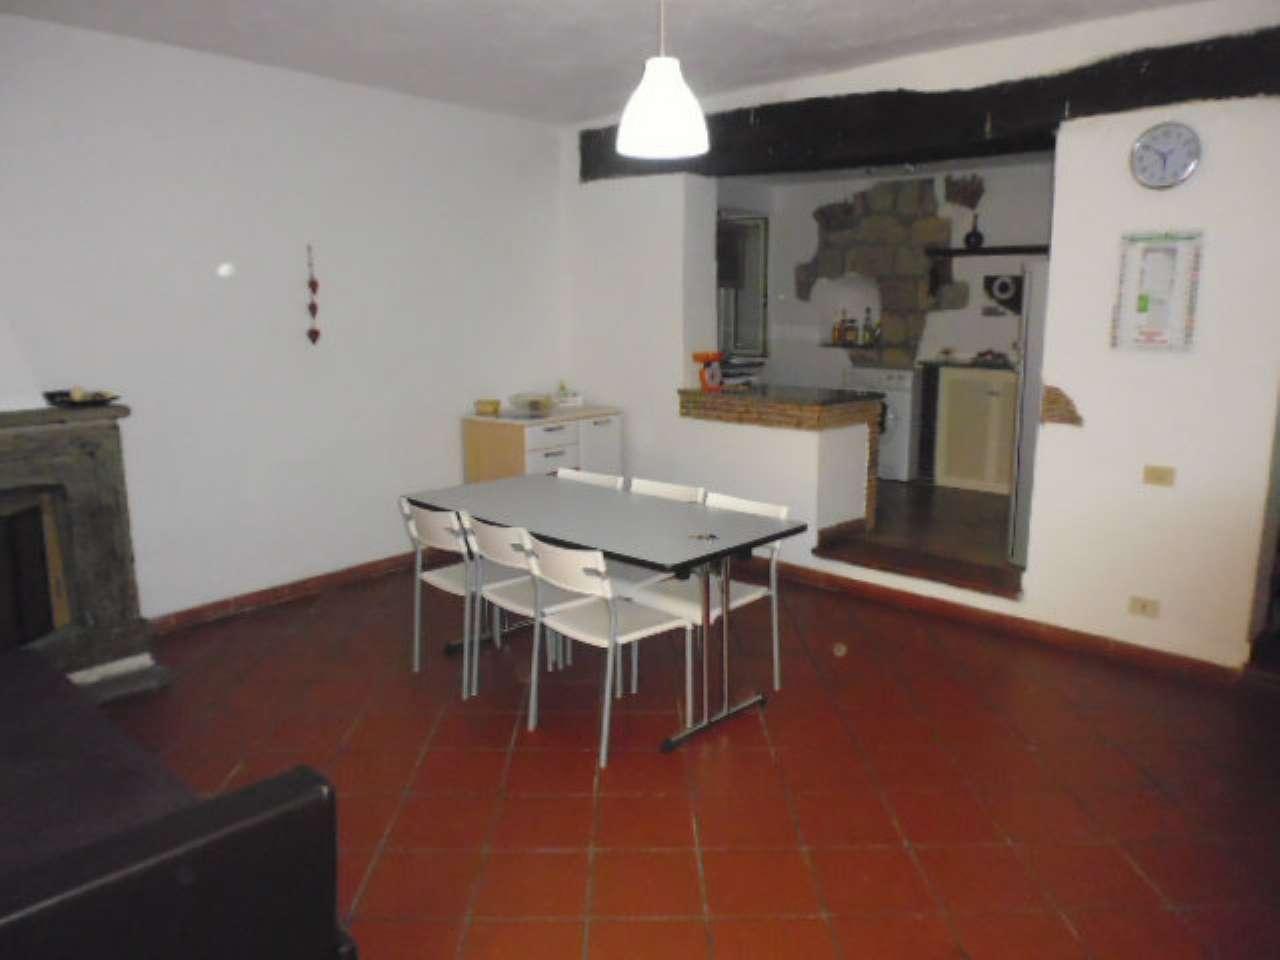 Appartamento in vendita a Formello, 2 locali, prezzo € 79.000 | CambioCasa.it